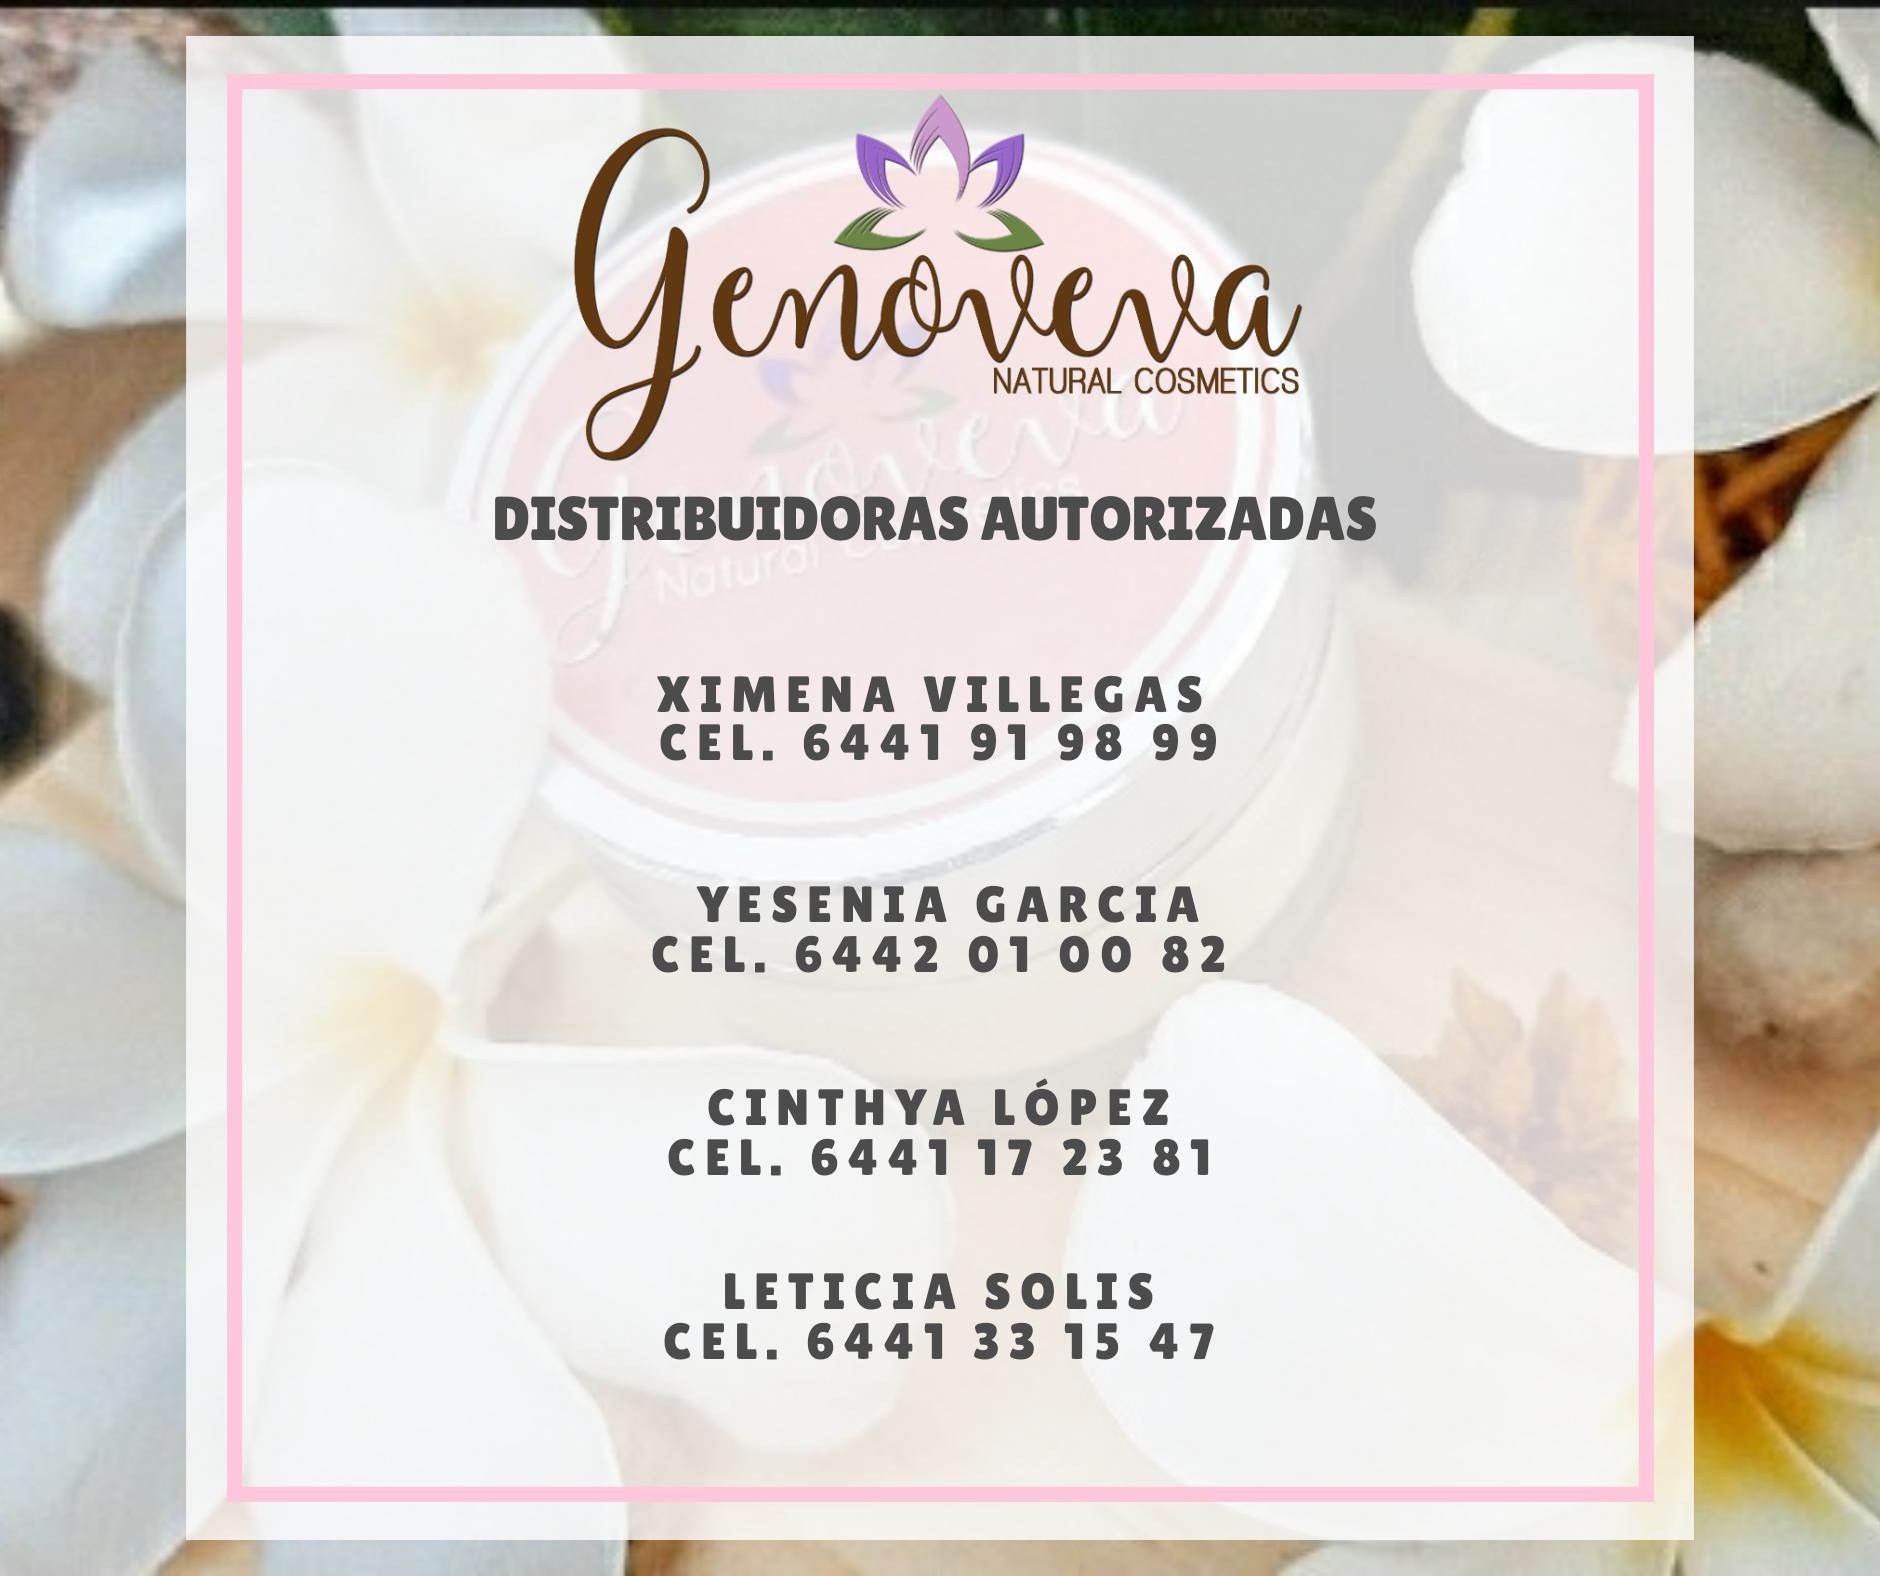 Genoveva Natural Cosmetics